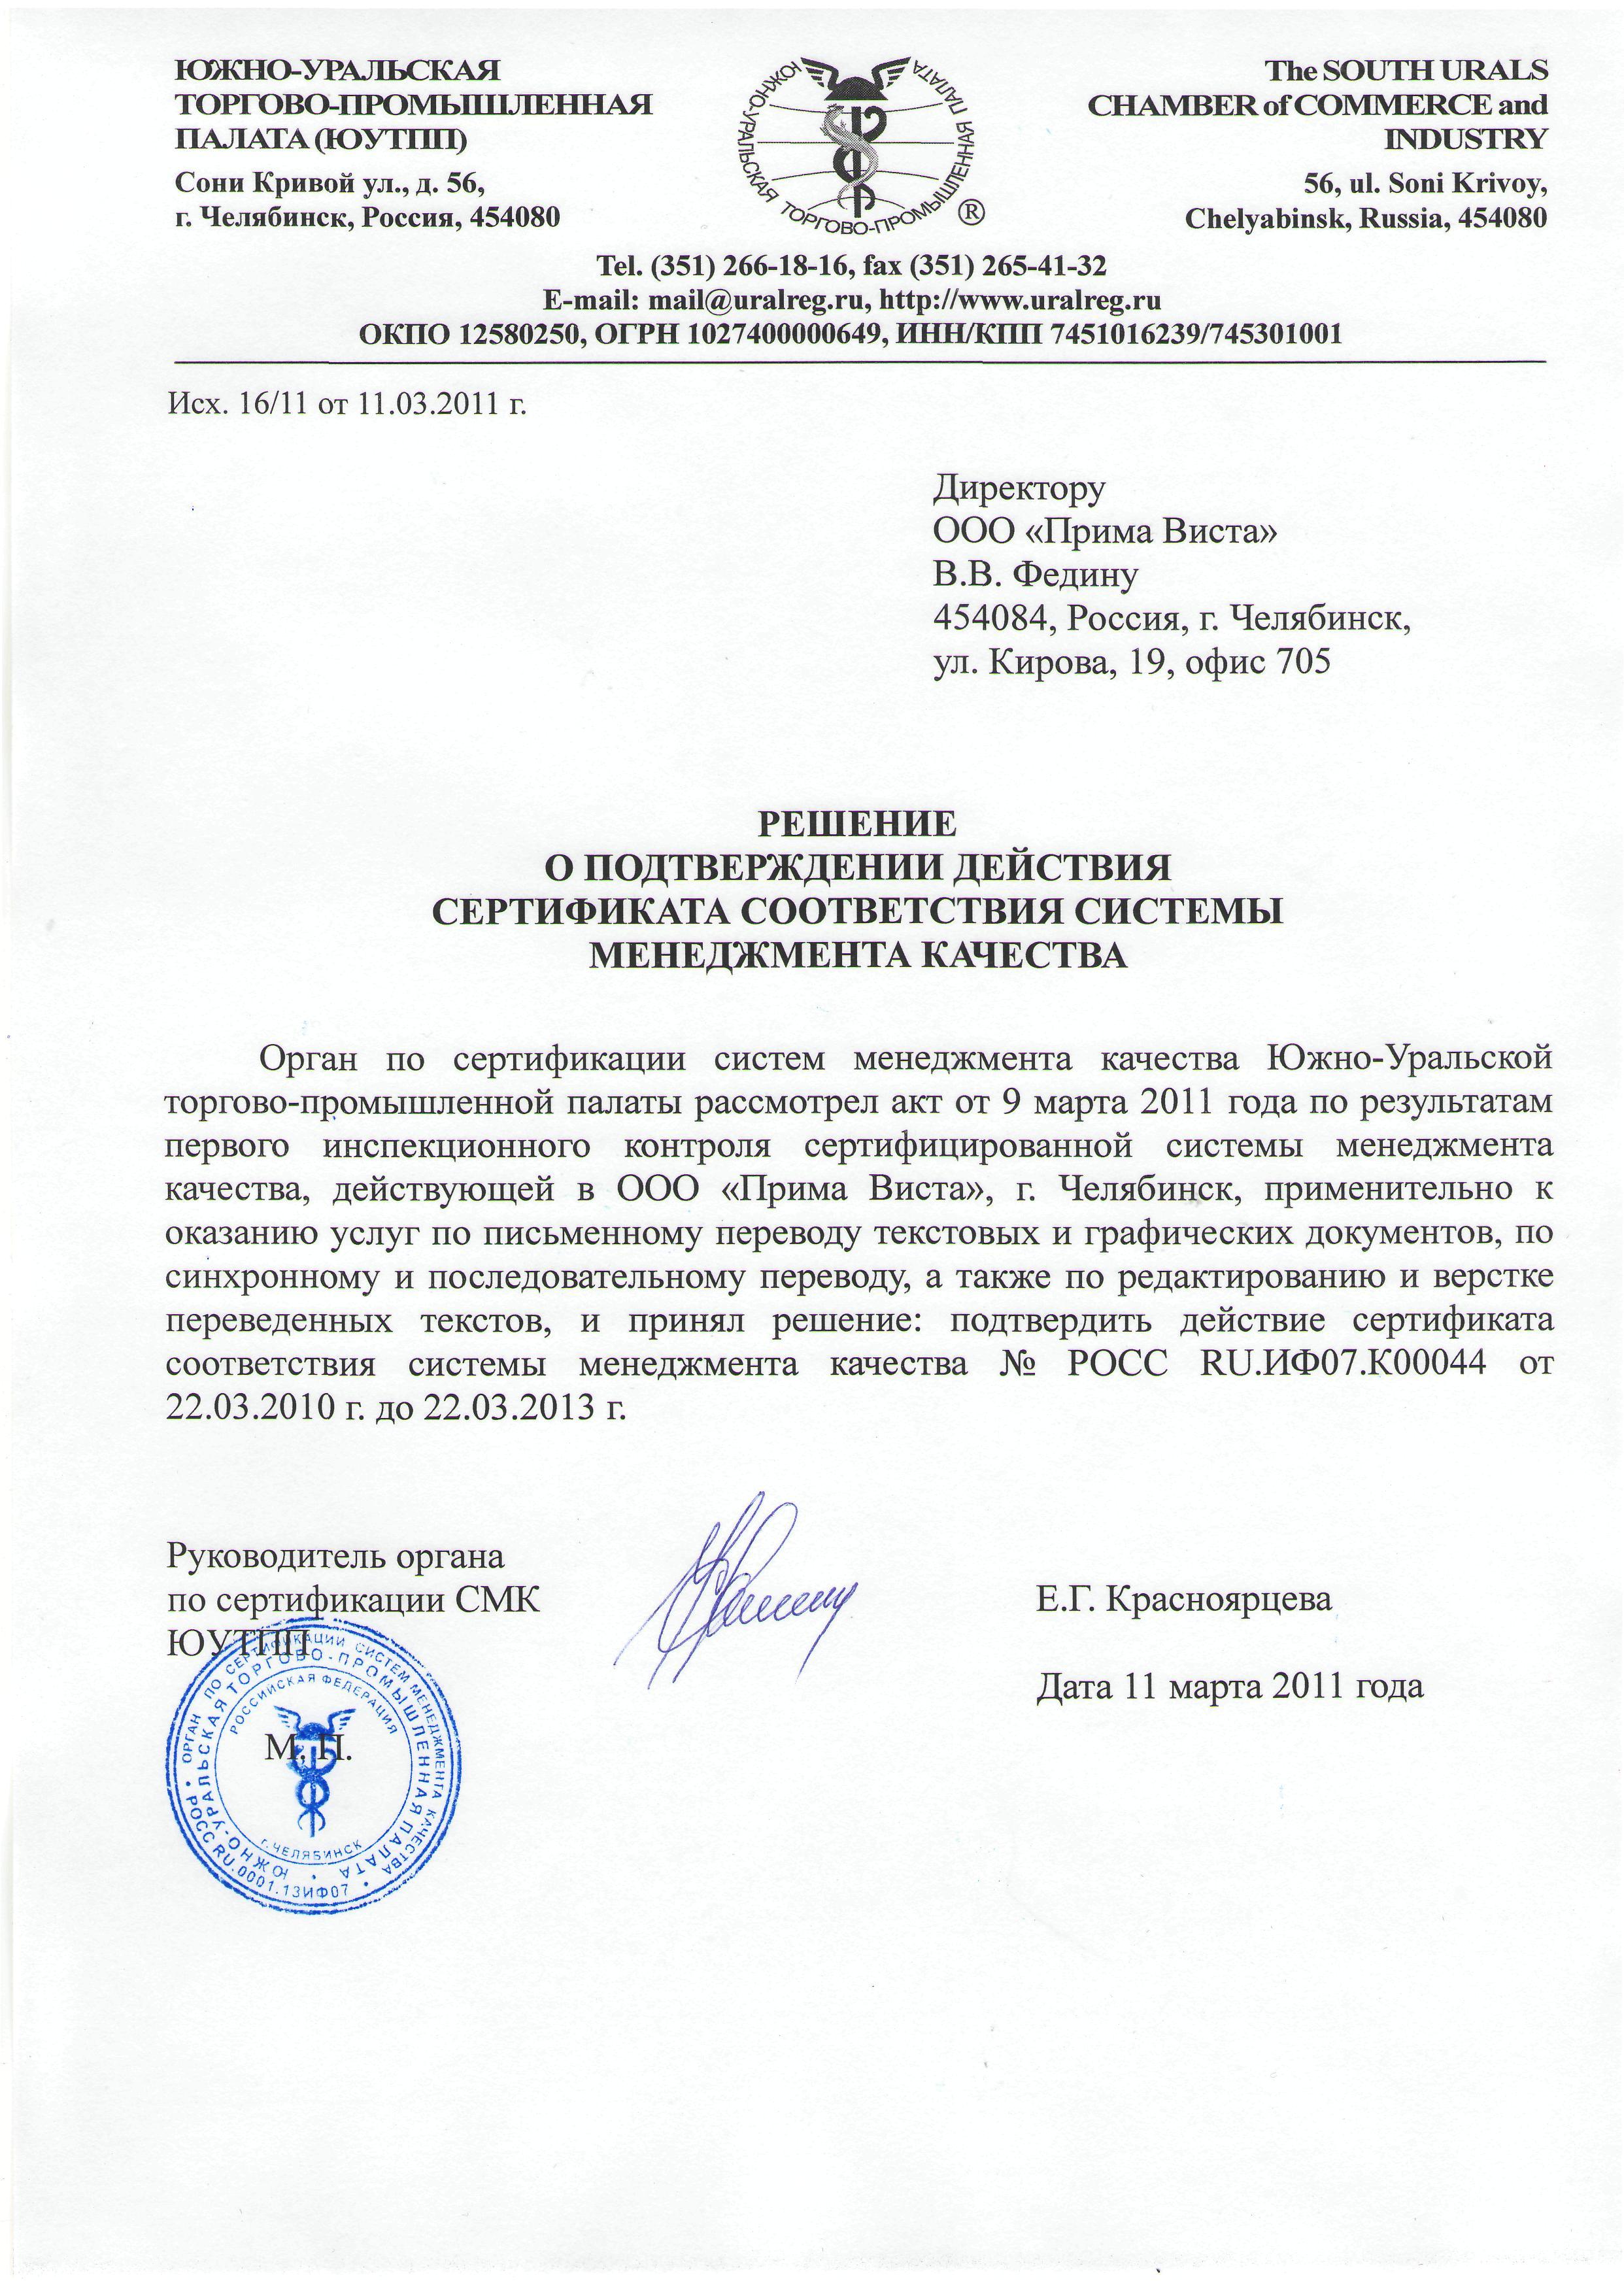 сертификат бюро переводов ИСО 9001